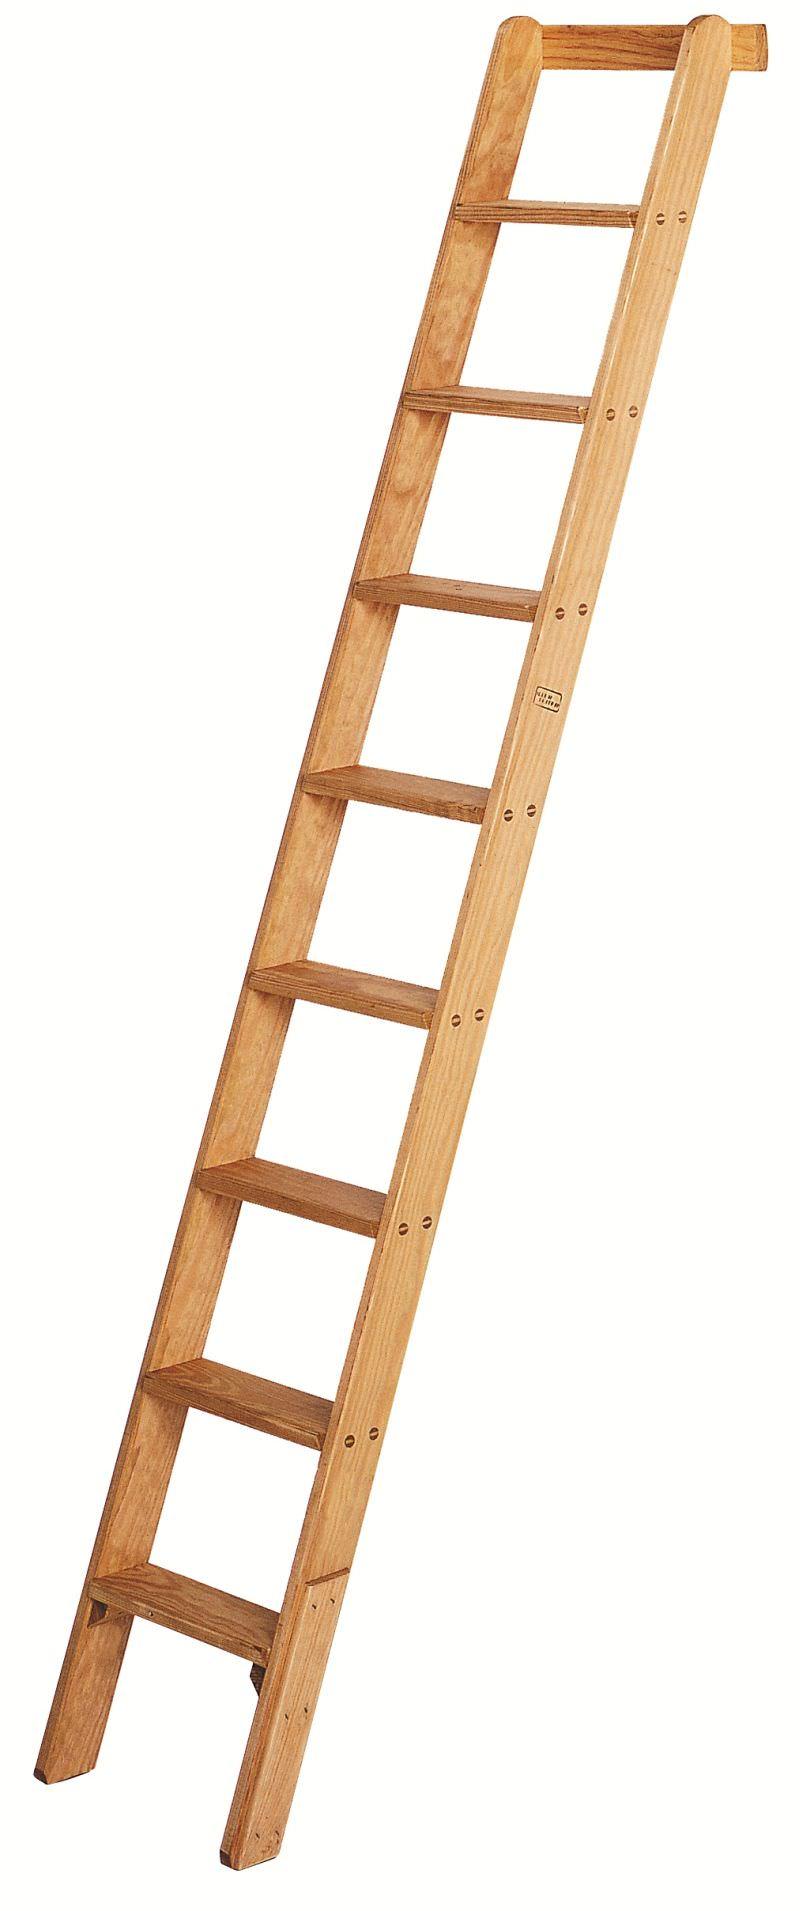 BUcherregal Holz Mit Leiter ~ Iller Holz Anlegeleiter 2,86 m lang 11 St Aufsetzhöhe 2,63 m